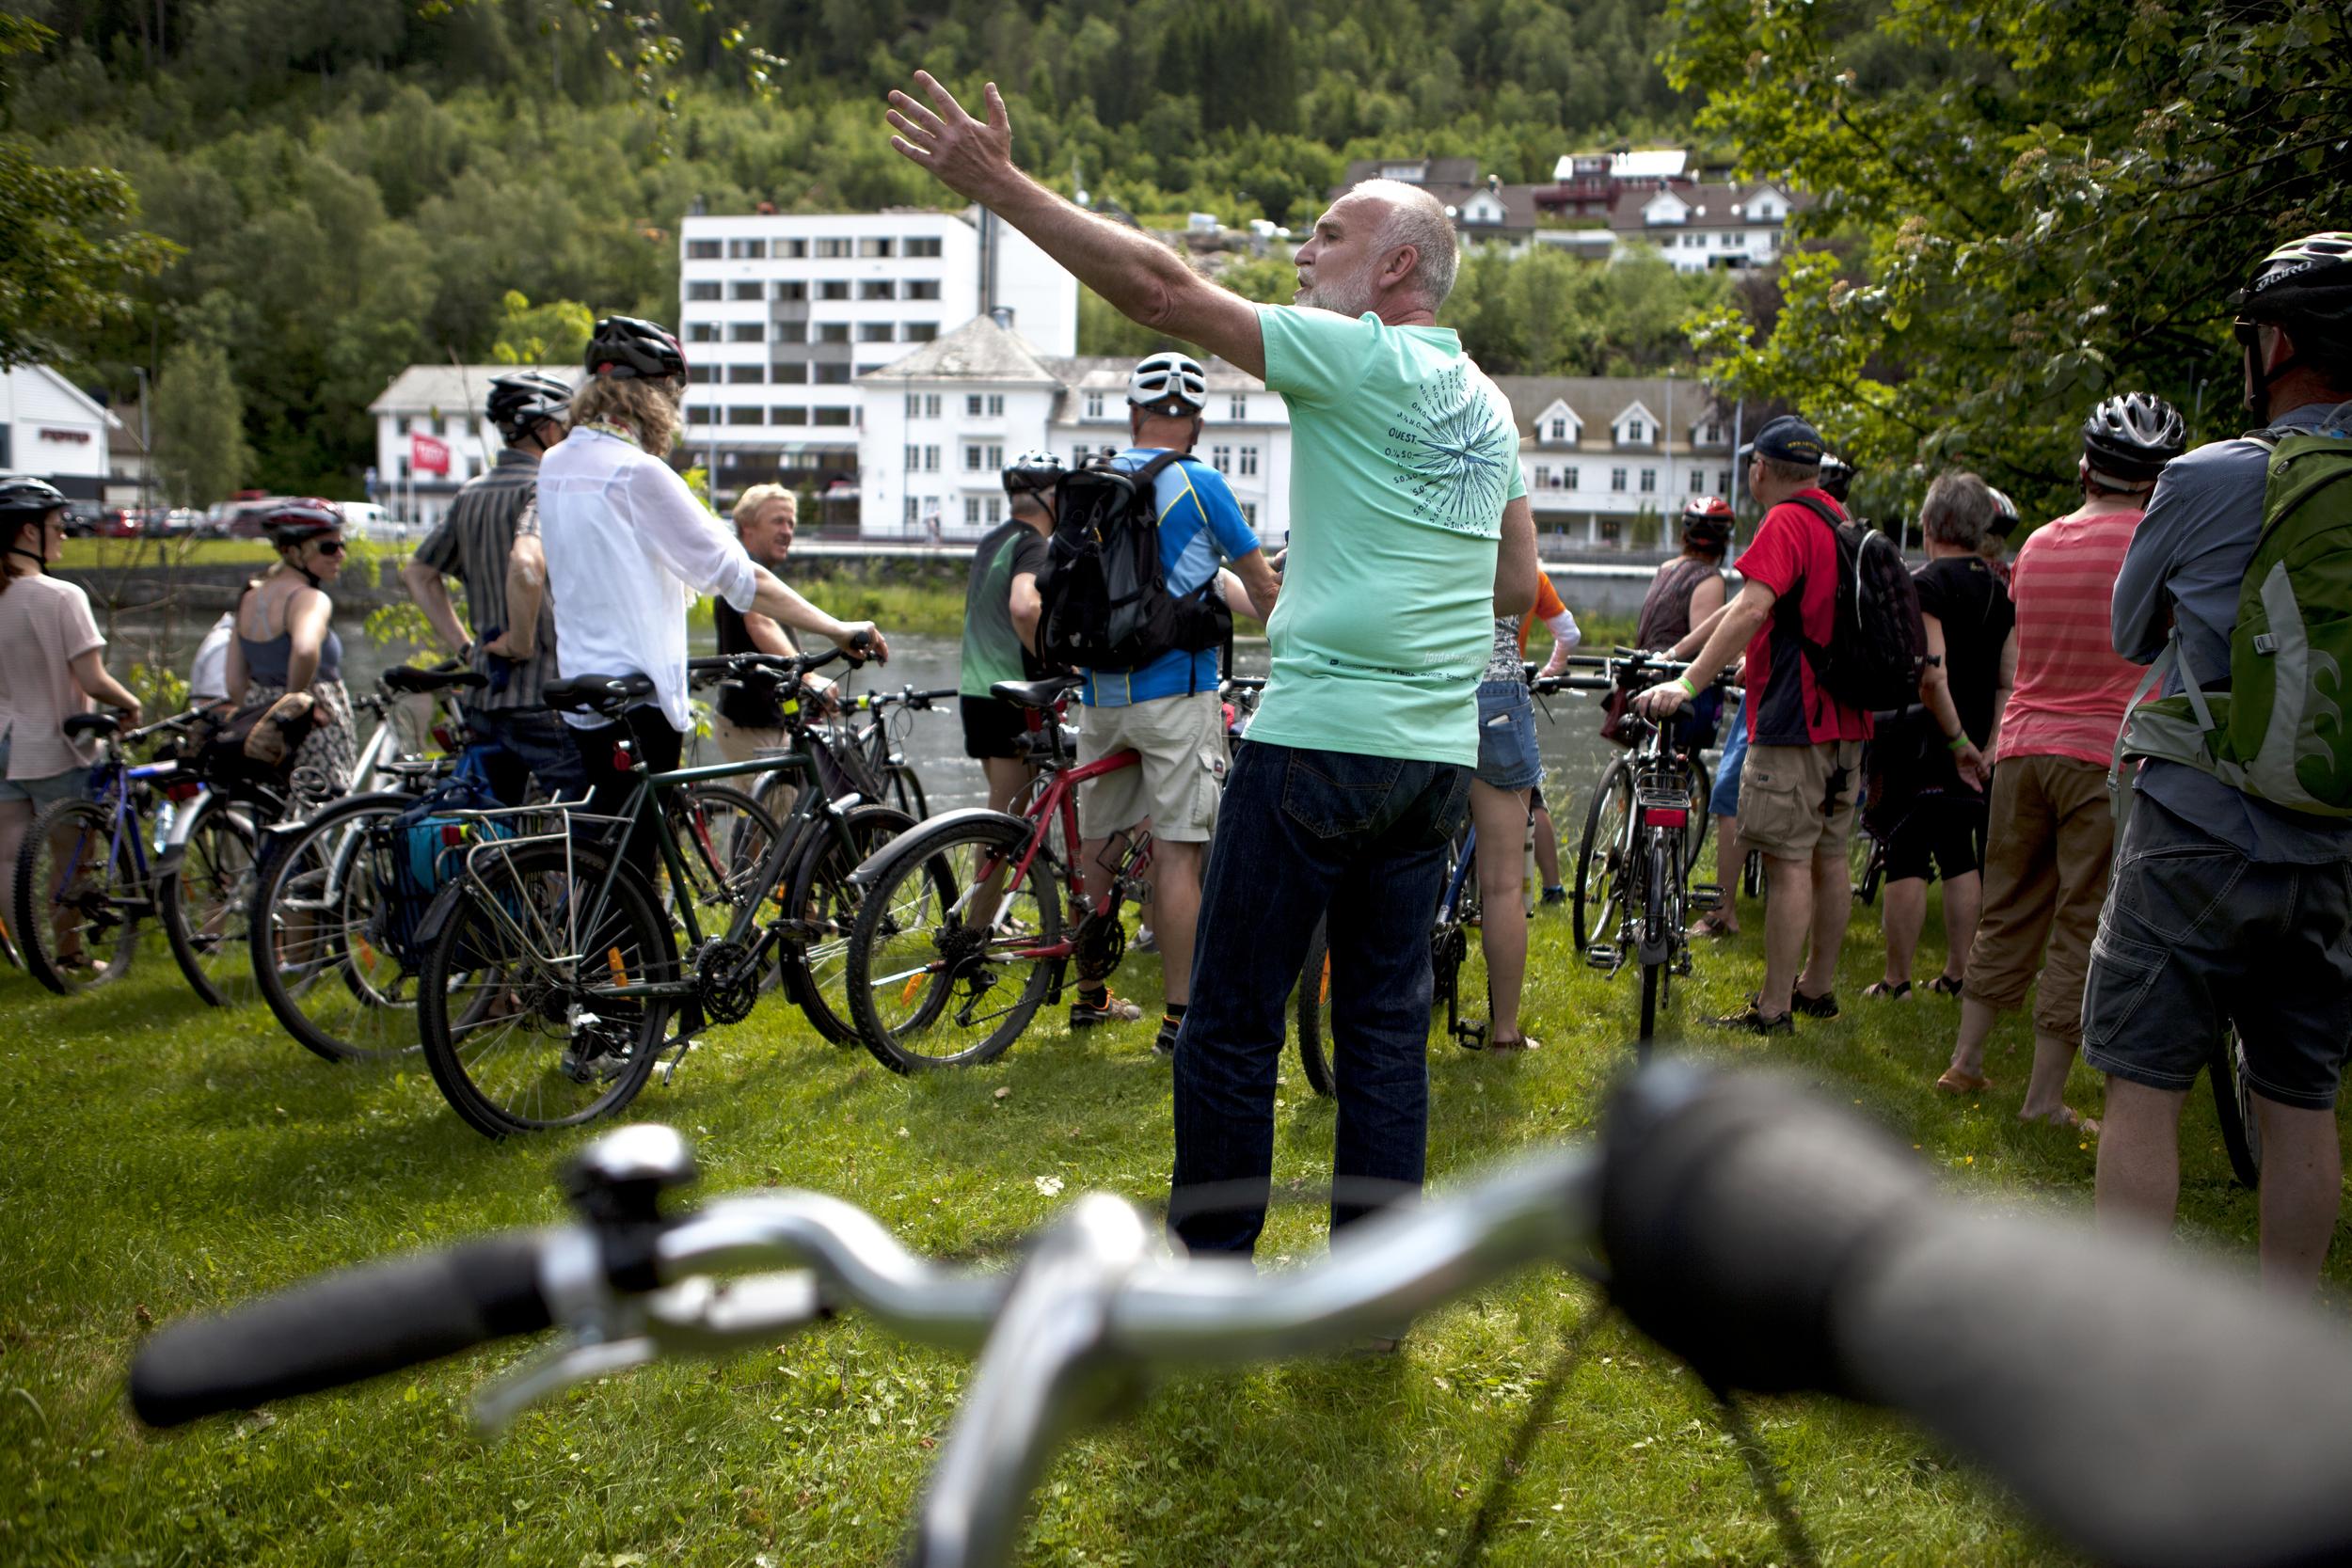 IMG_3498 - blåtur på sykkel - ulrika boden - prestegarden - 2. juli - heidi hattestein.jpg